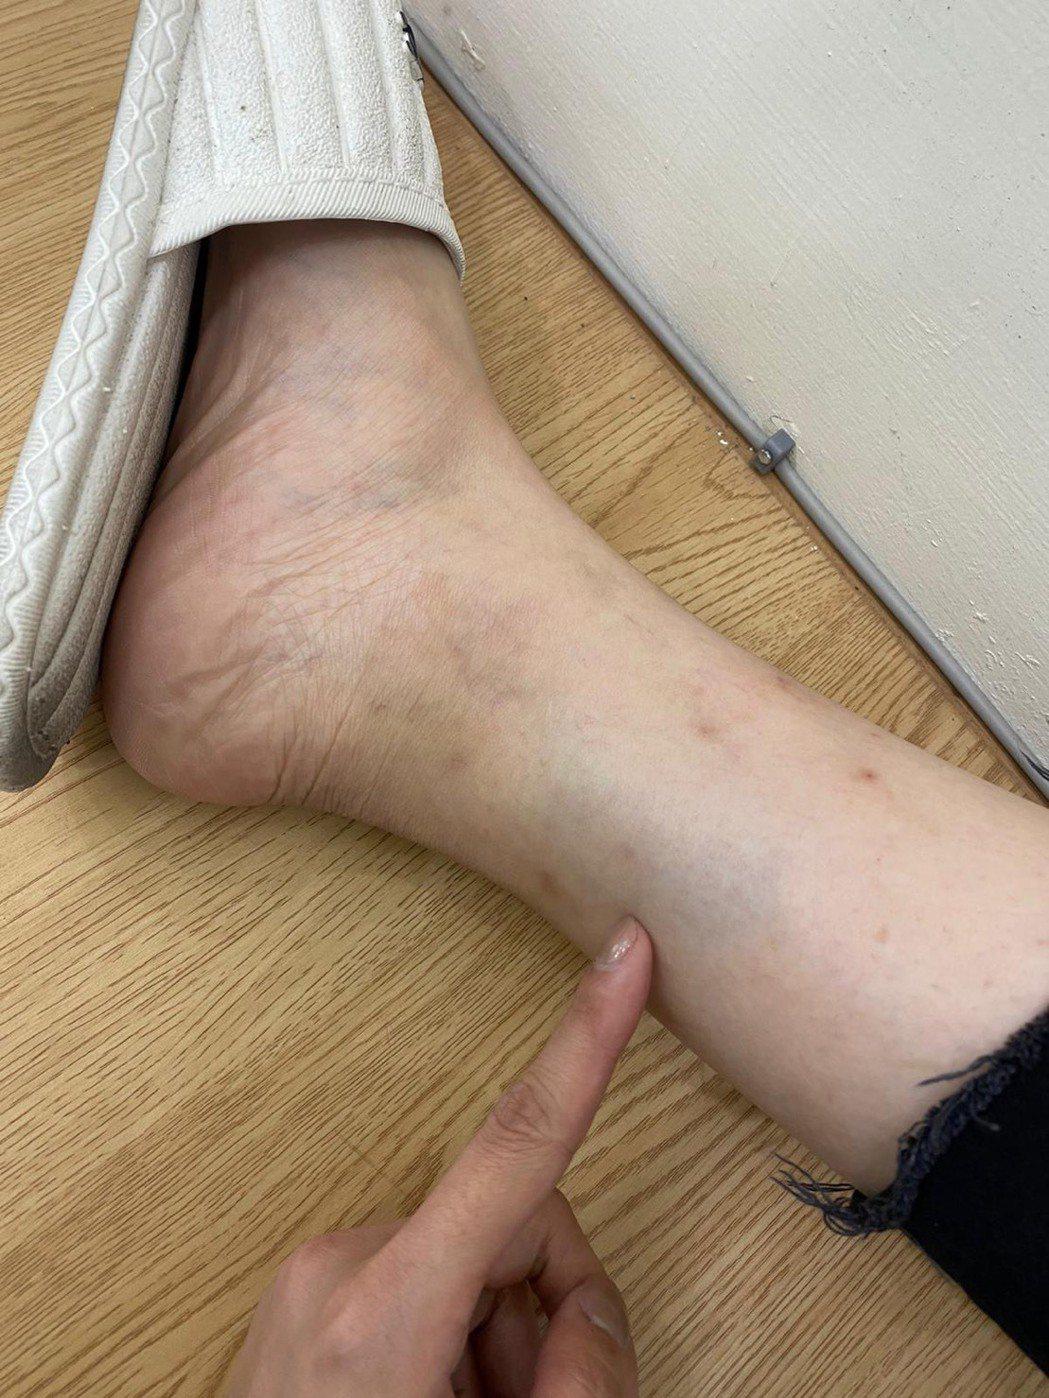 莉婭腳上的瘀青照,證明自己才是受害者。圖/莉婭提供